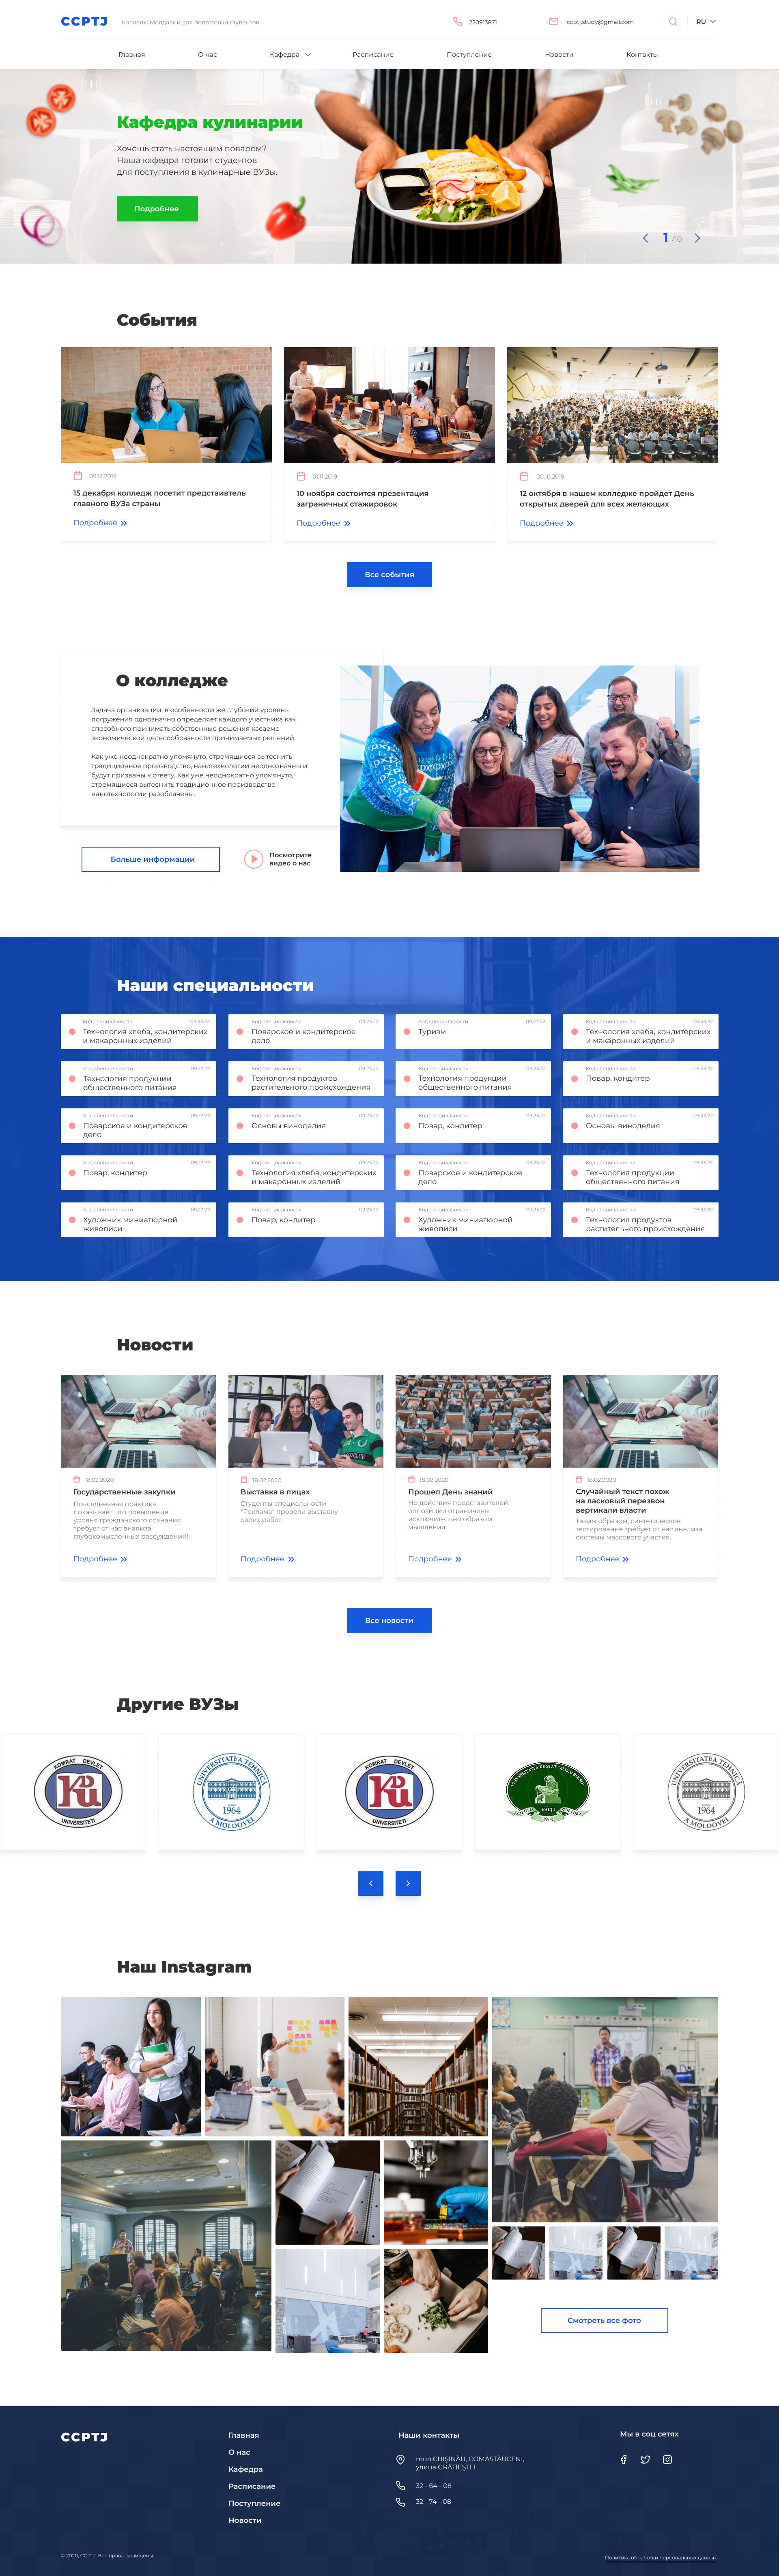 Разработка дизайна сайта колледжа фото f_6525e5e52bf7f842.jpg